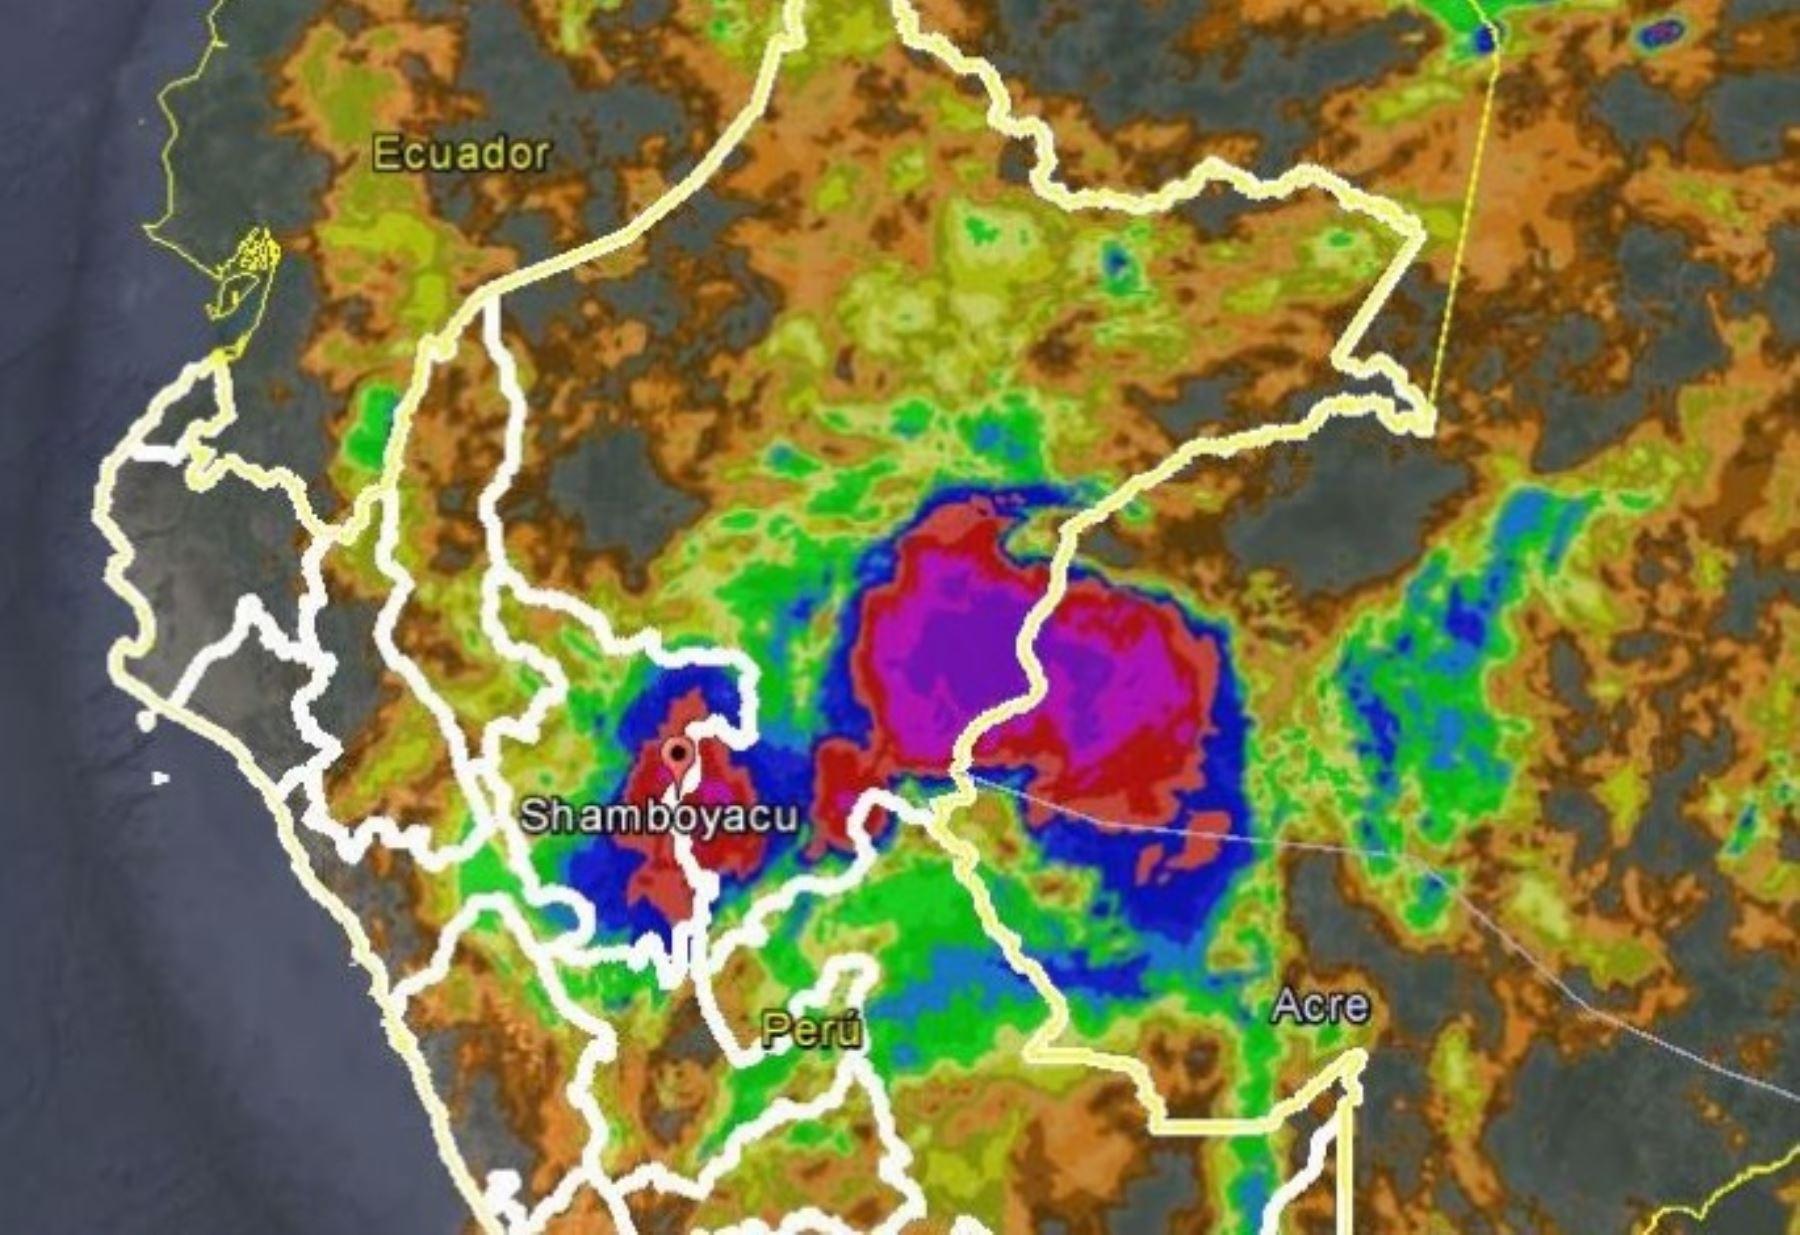 Las intensas lluvias registradas anoche sobre la región San Martín alcanzaron valores récord en el distrito de Shamboyacu, perteneciente a la provincia de Picota, lo que produjo desbordes e inundaciones que afectaron a las poblaciones de la zona, informó el Servicio Nacional de Meteorología e Hidrología (Senamhi).